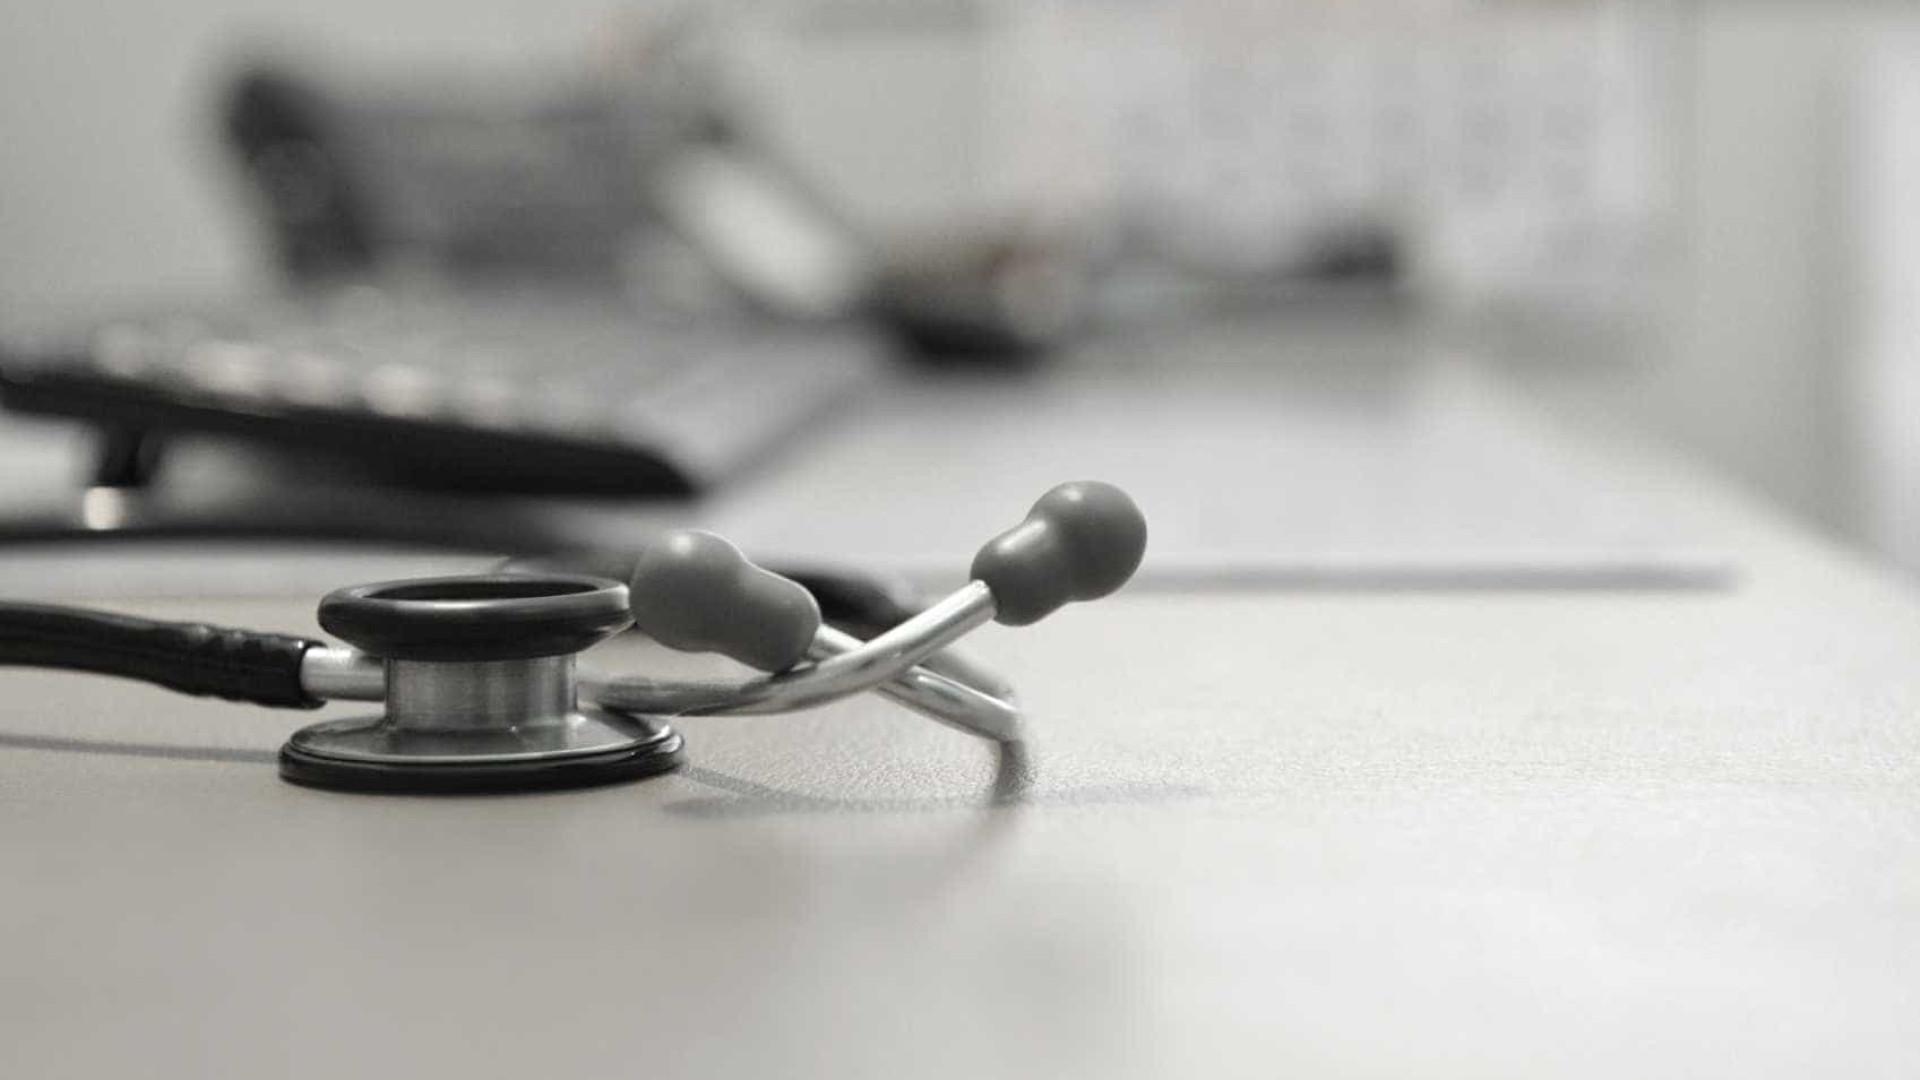 Mais de 83 mil doentes optaram por consultas fora do seu hospital